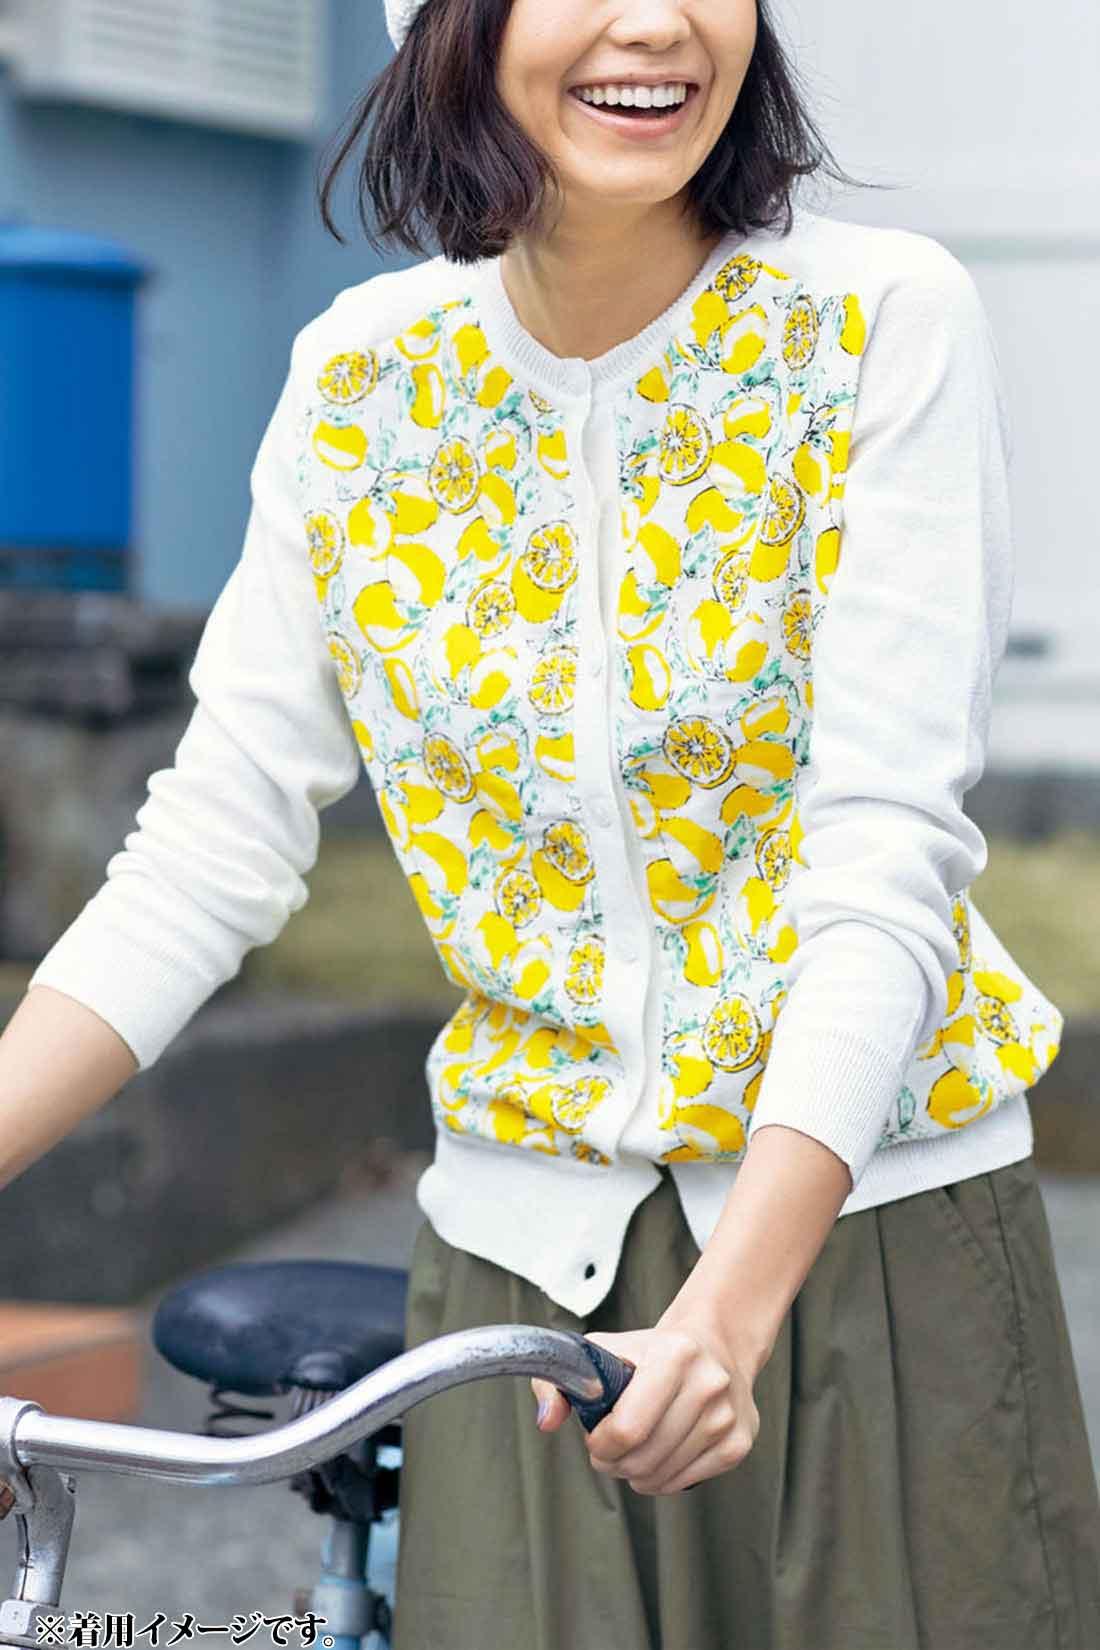 コットンニットをベースに、レモン柄のダブルガーゼを前身ごろだけに配した異素材遣い。ボタンを全部留めてプルオーバー風に着ても◎。